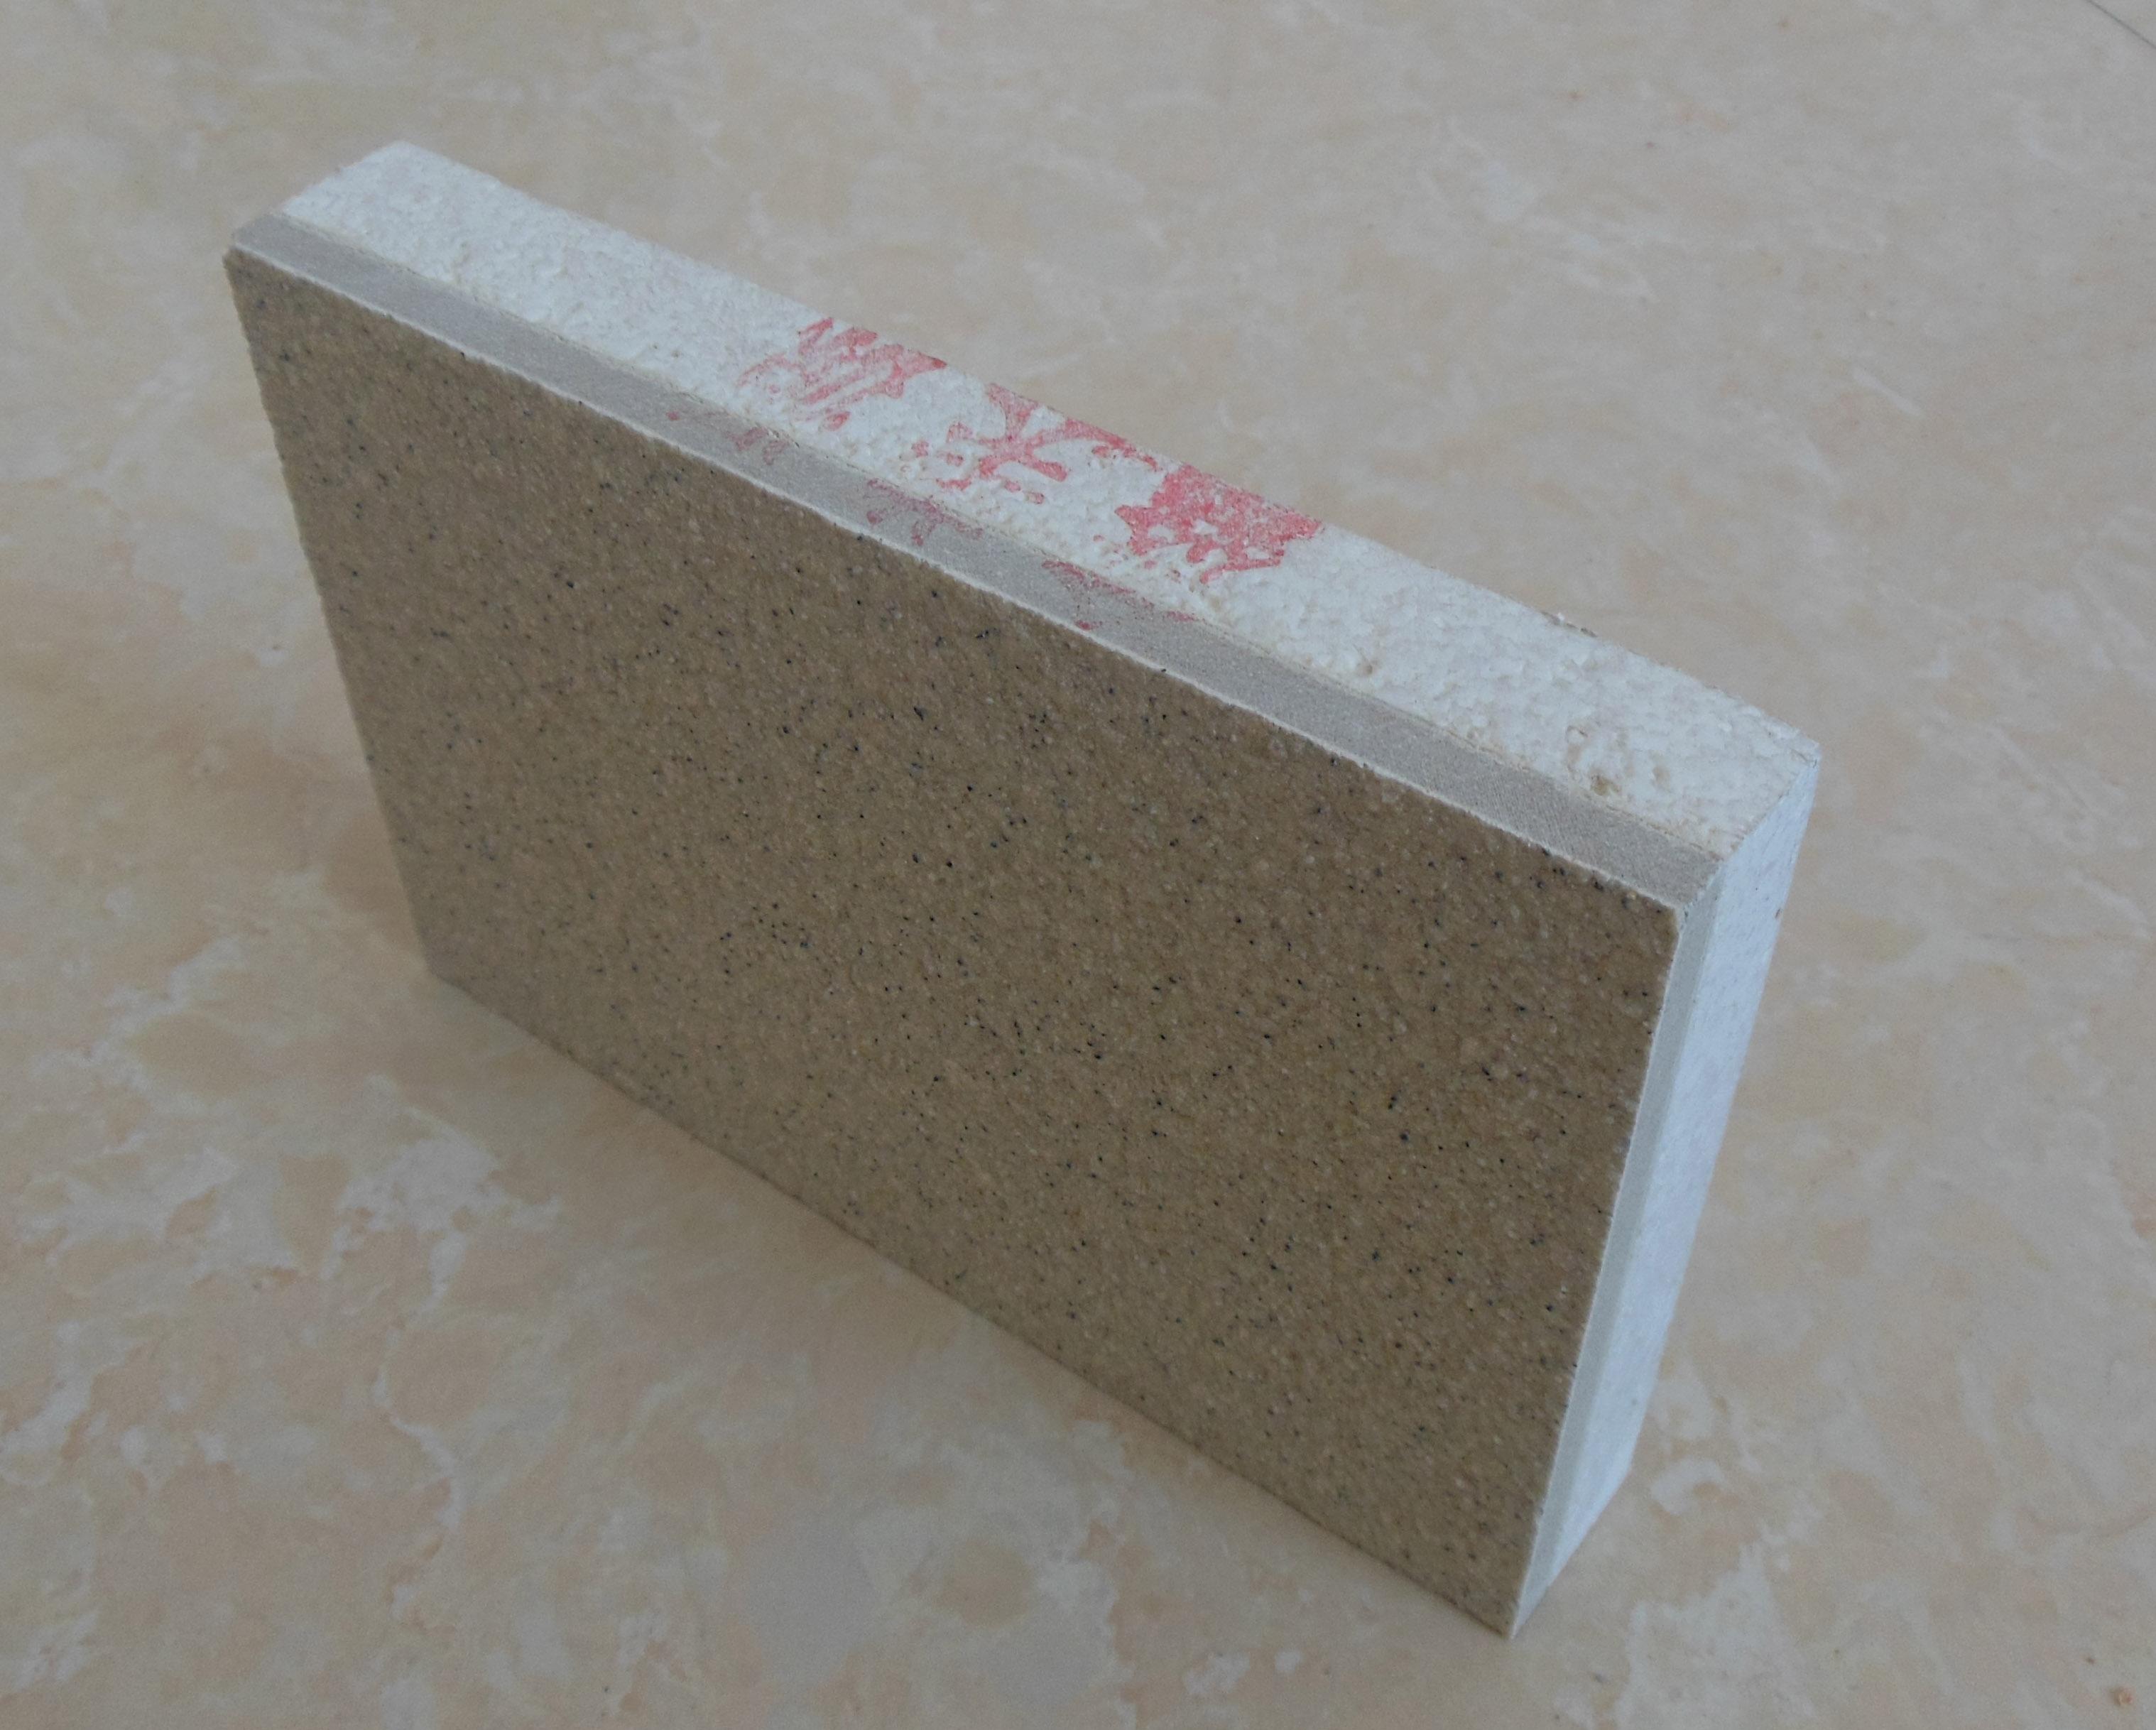 保温装饰一体板 保温装饰板厂家廊坊鑫美源公司